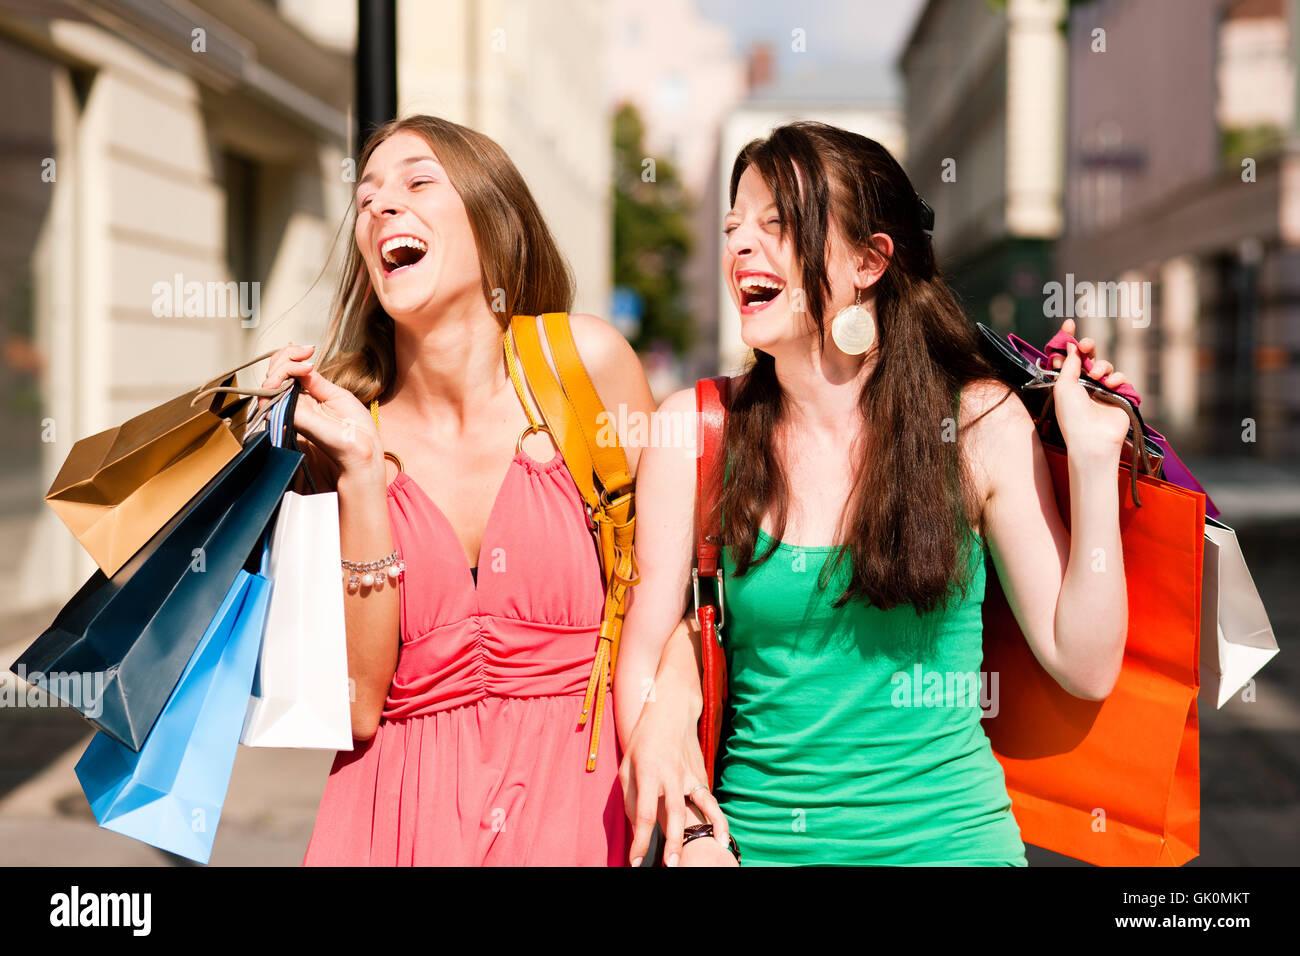 Frauen beim einkaufen bilder